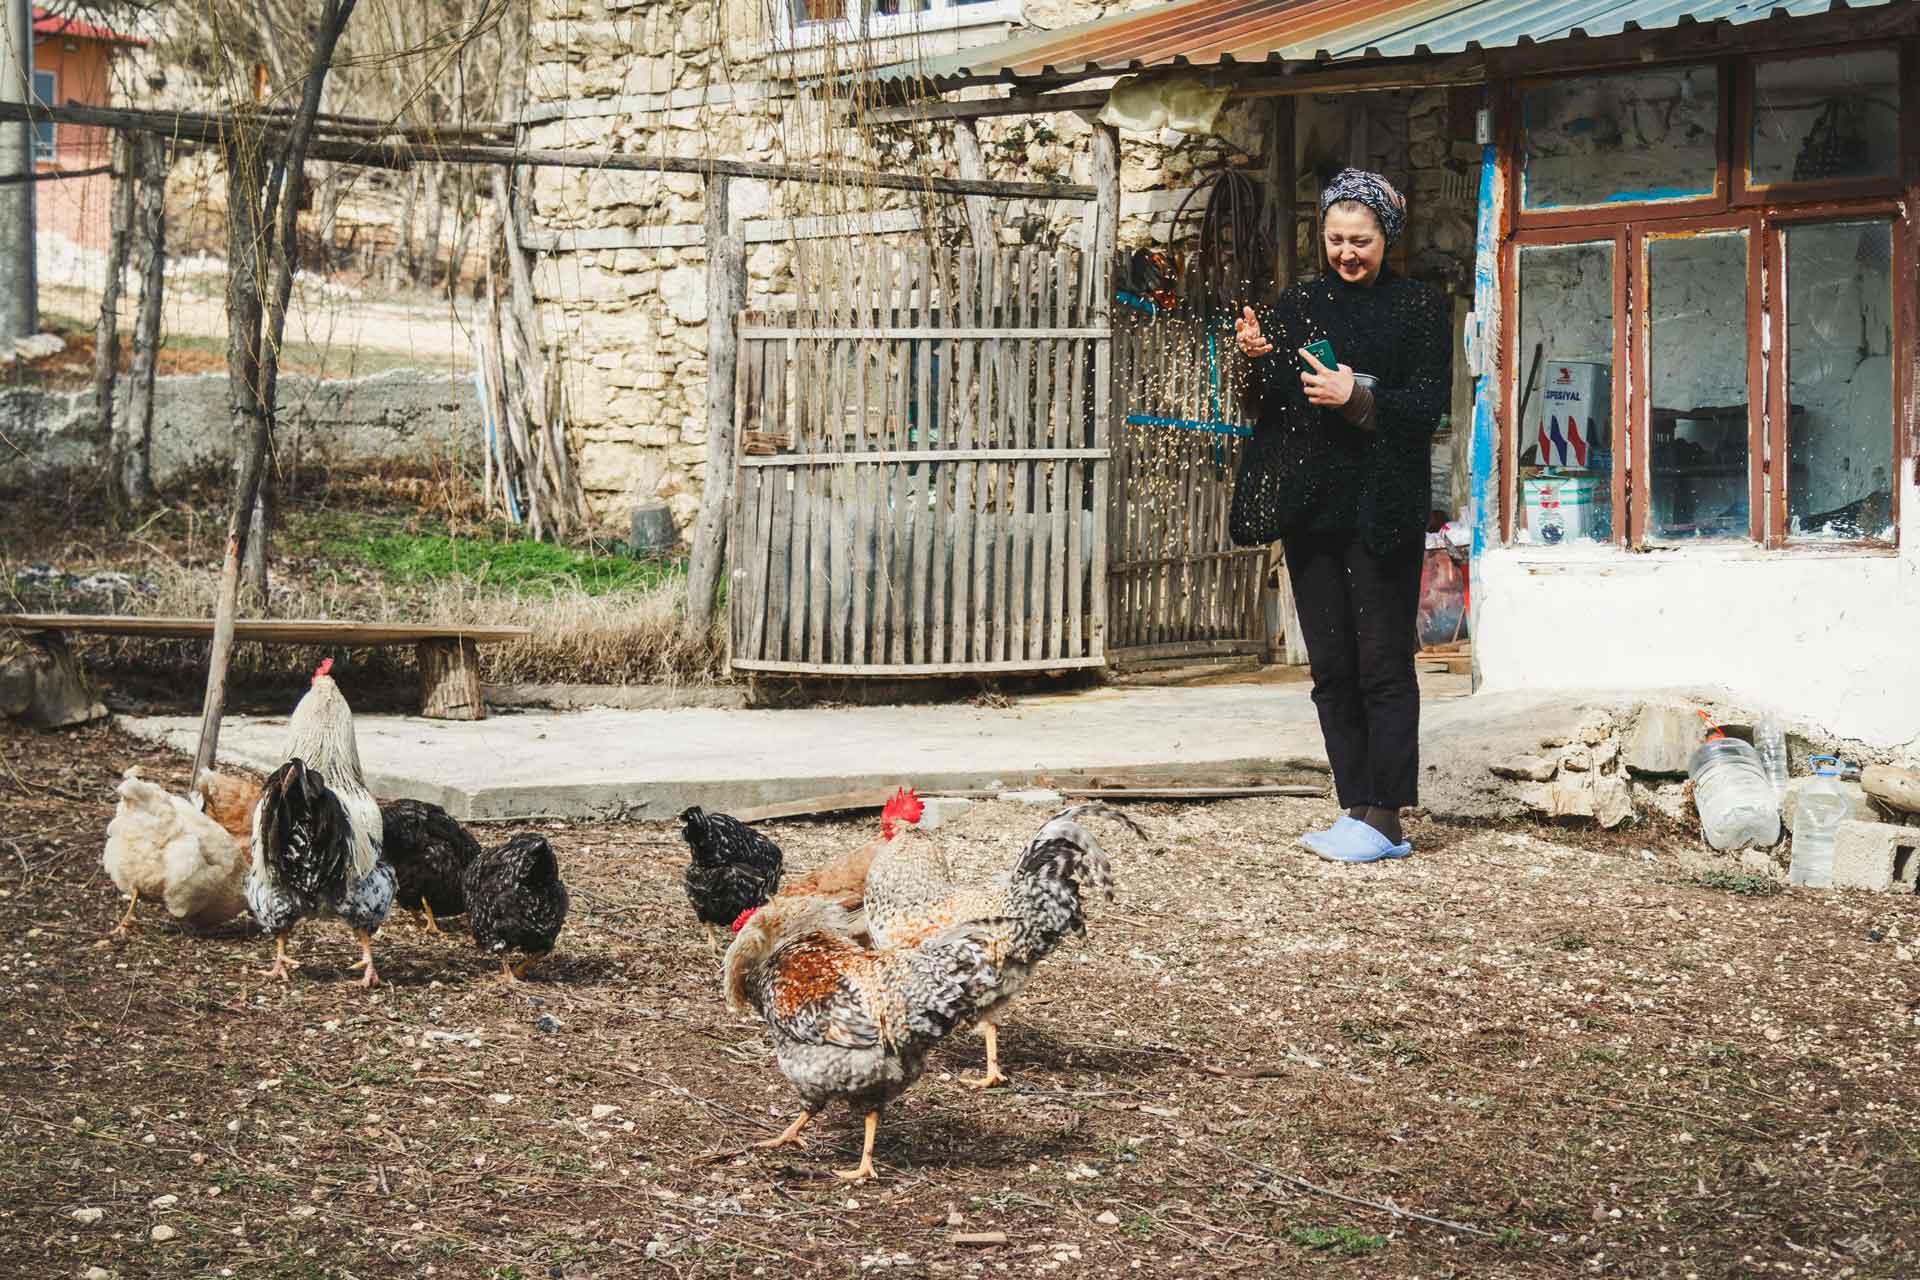 Burdur Aksu köyü fotoğrafları Gezgin Fotoğrafçı Çekergezer Hakan Aydın